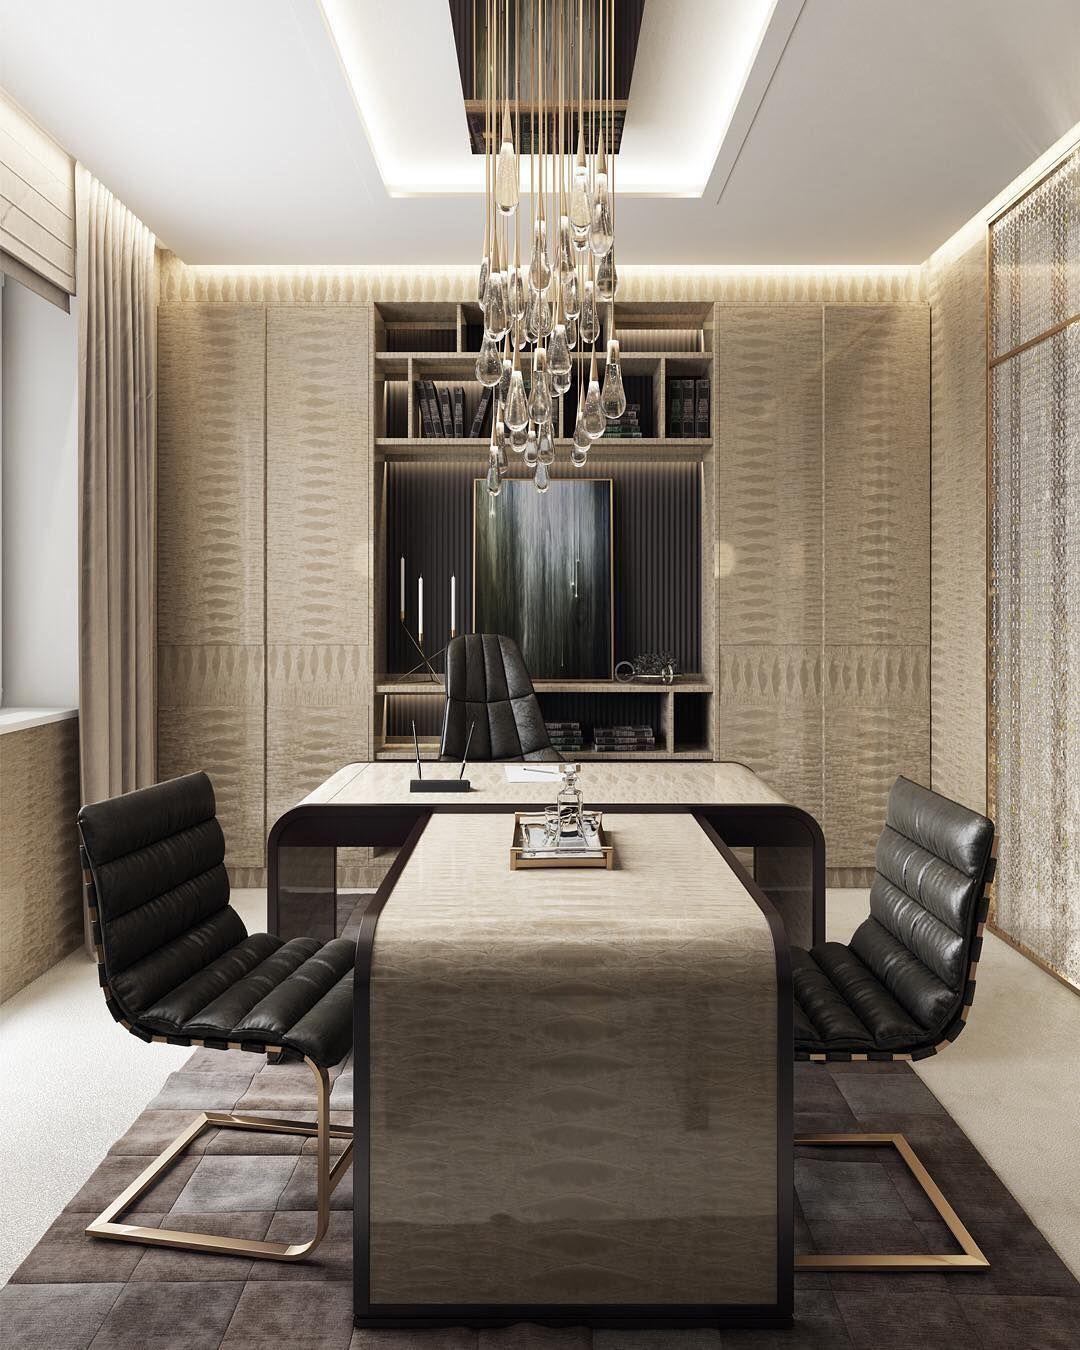 Interior Design On Instagram Kinonsurfacedesign Champagne